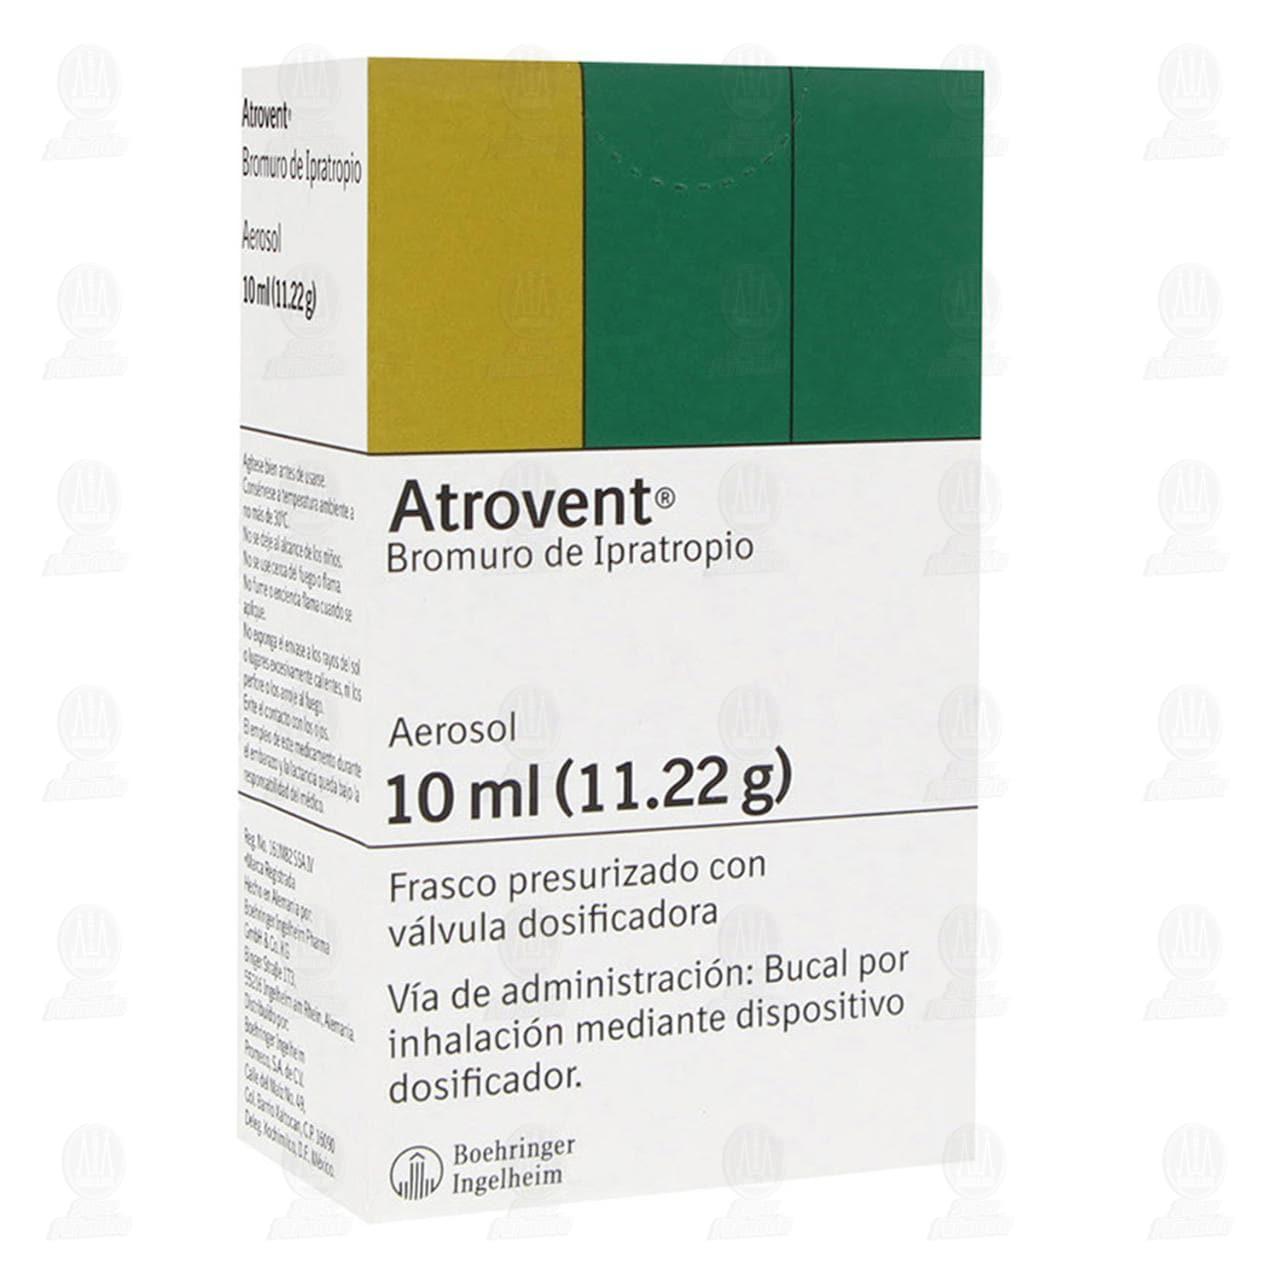 Comprar Atrovent 10ml (11.22gr) Suspensión Aerosol en Farmacias Guadalajara